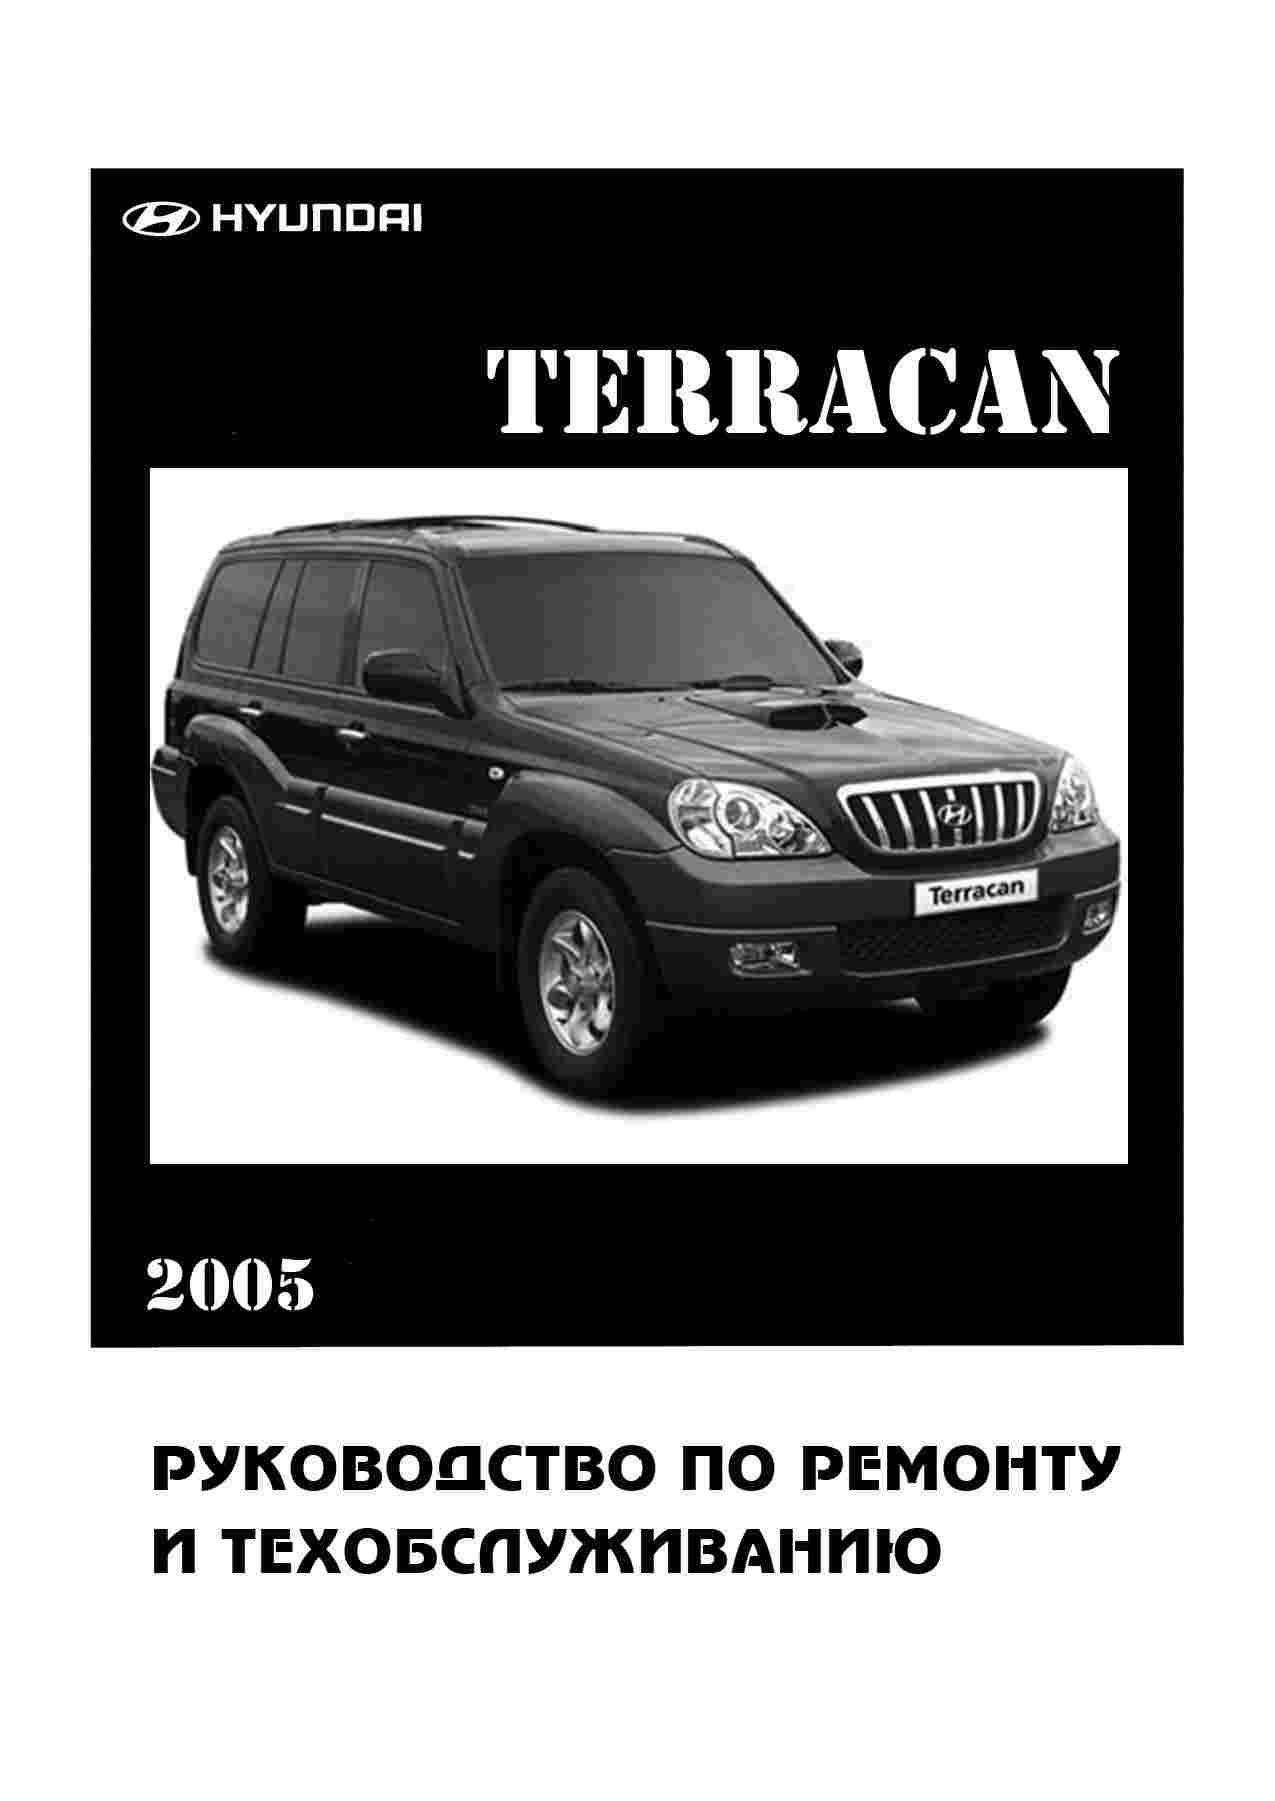 Hyundai Terracan 2001-2007 Руководство по ремонту и техническому обслуживанию обложка